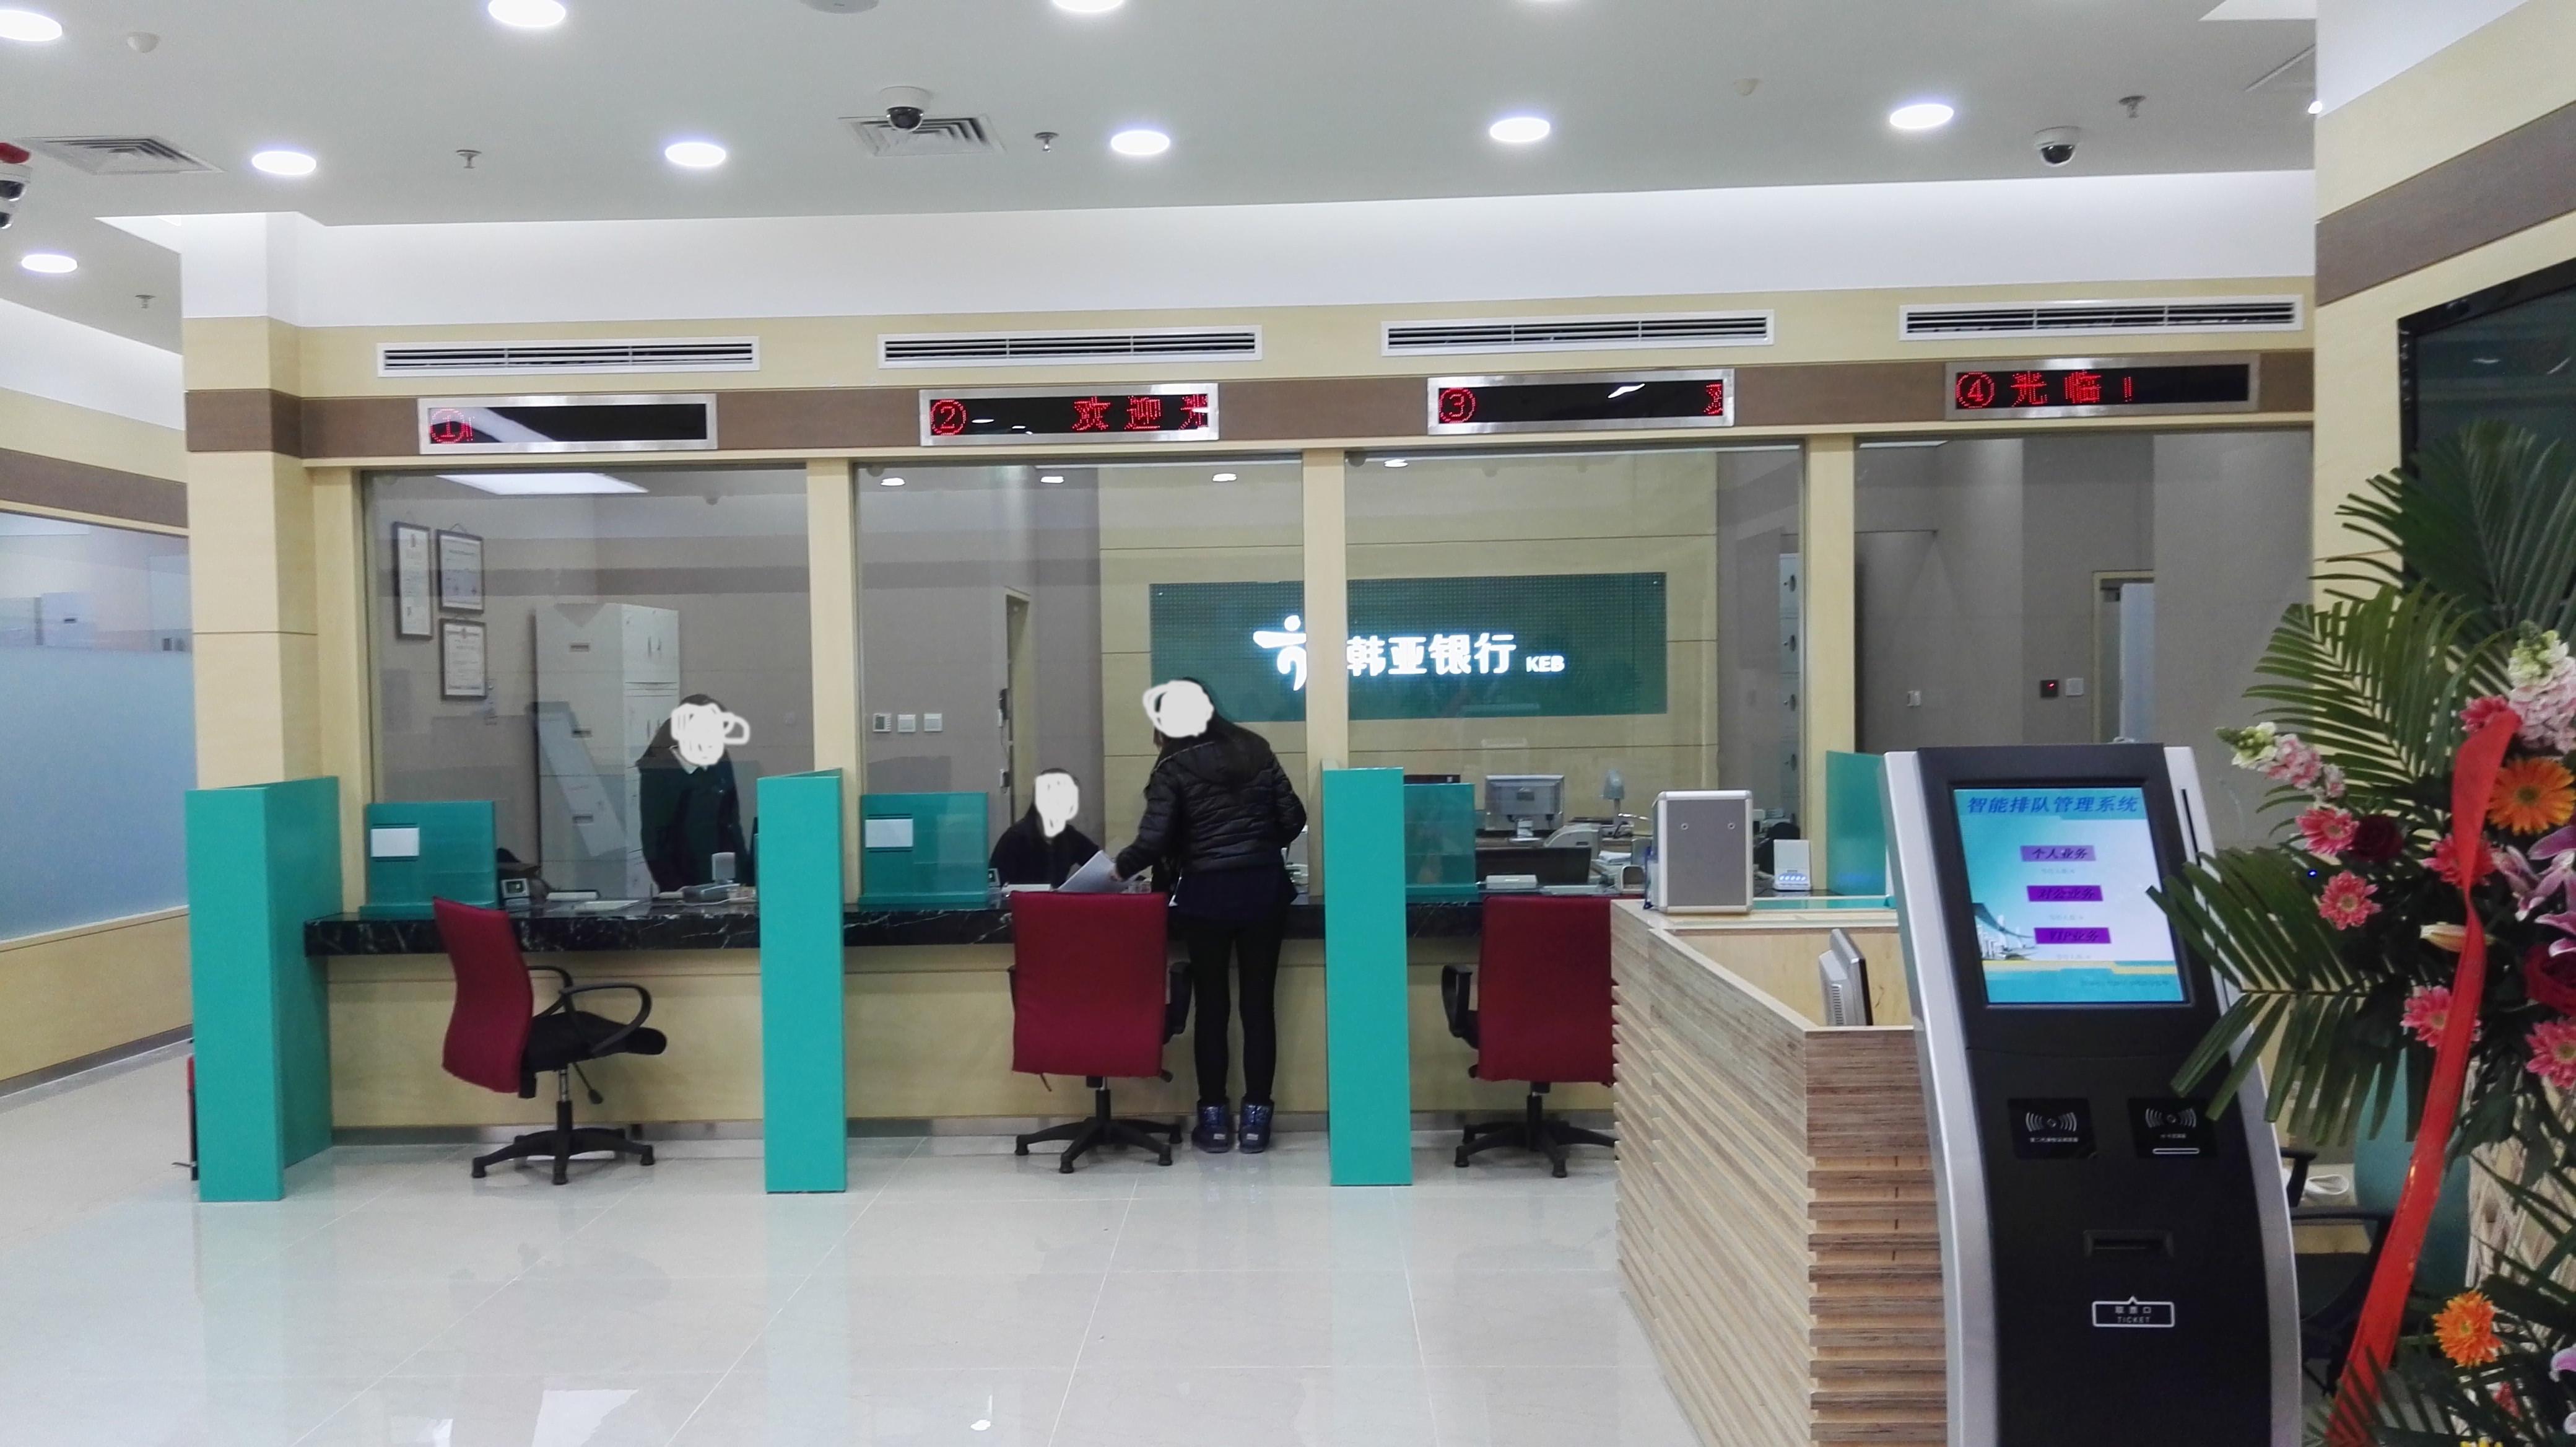 银行室内装修办事窗口